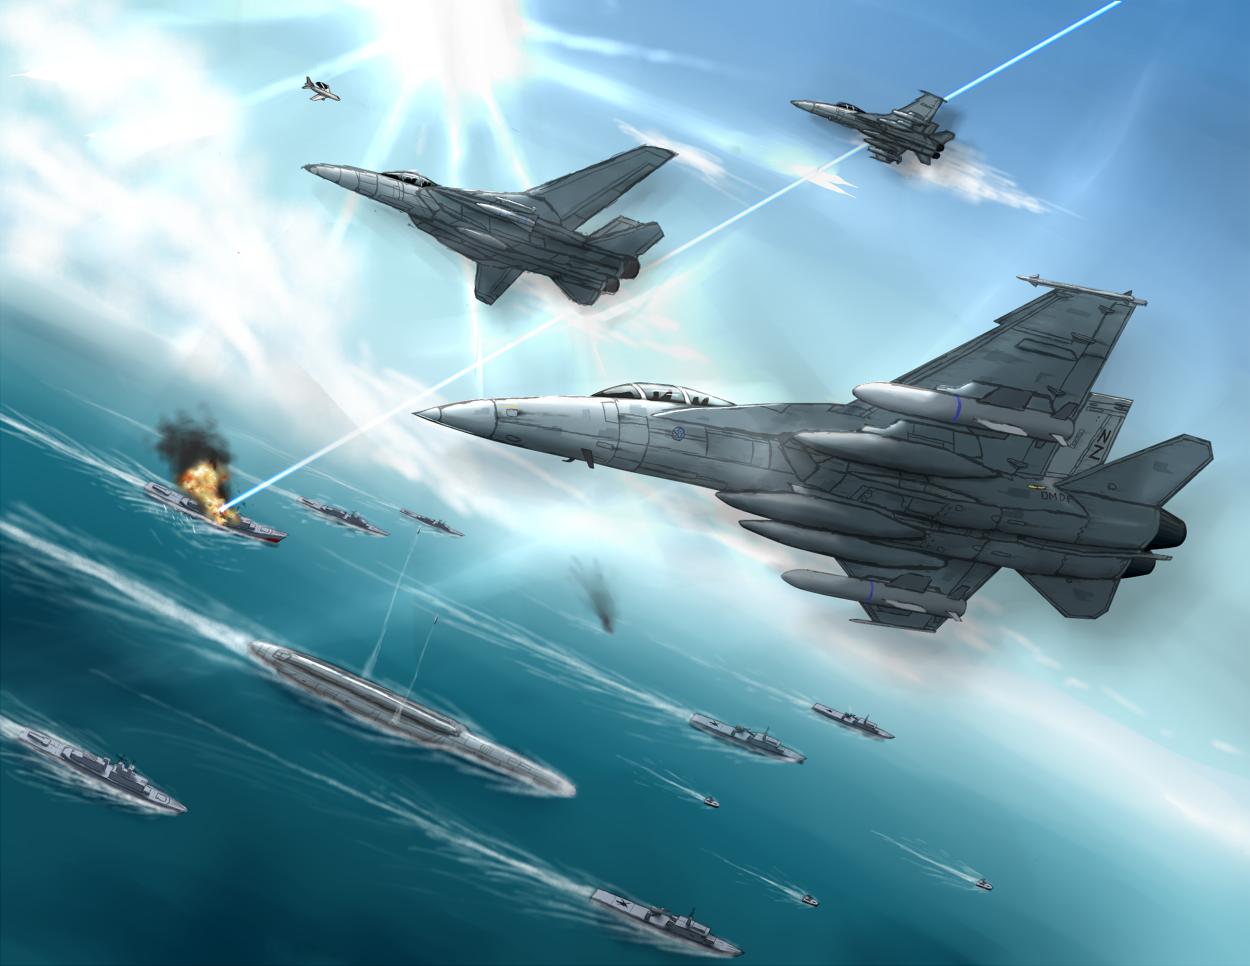 Download Ace Combat Wallpaper 1600x1200 Wallpoper 1250x966